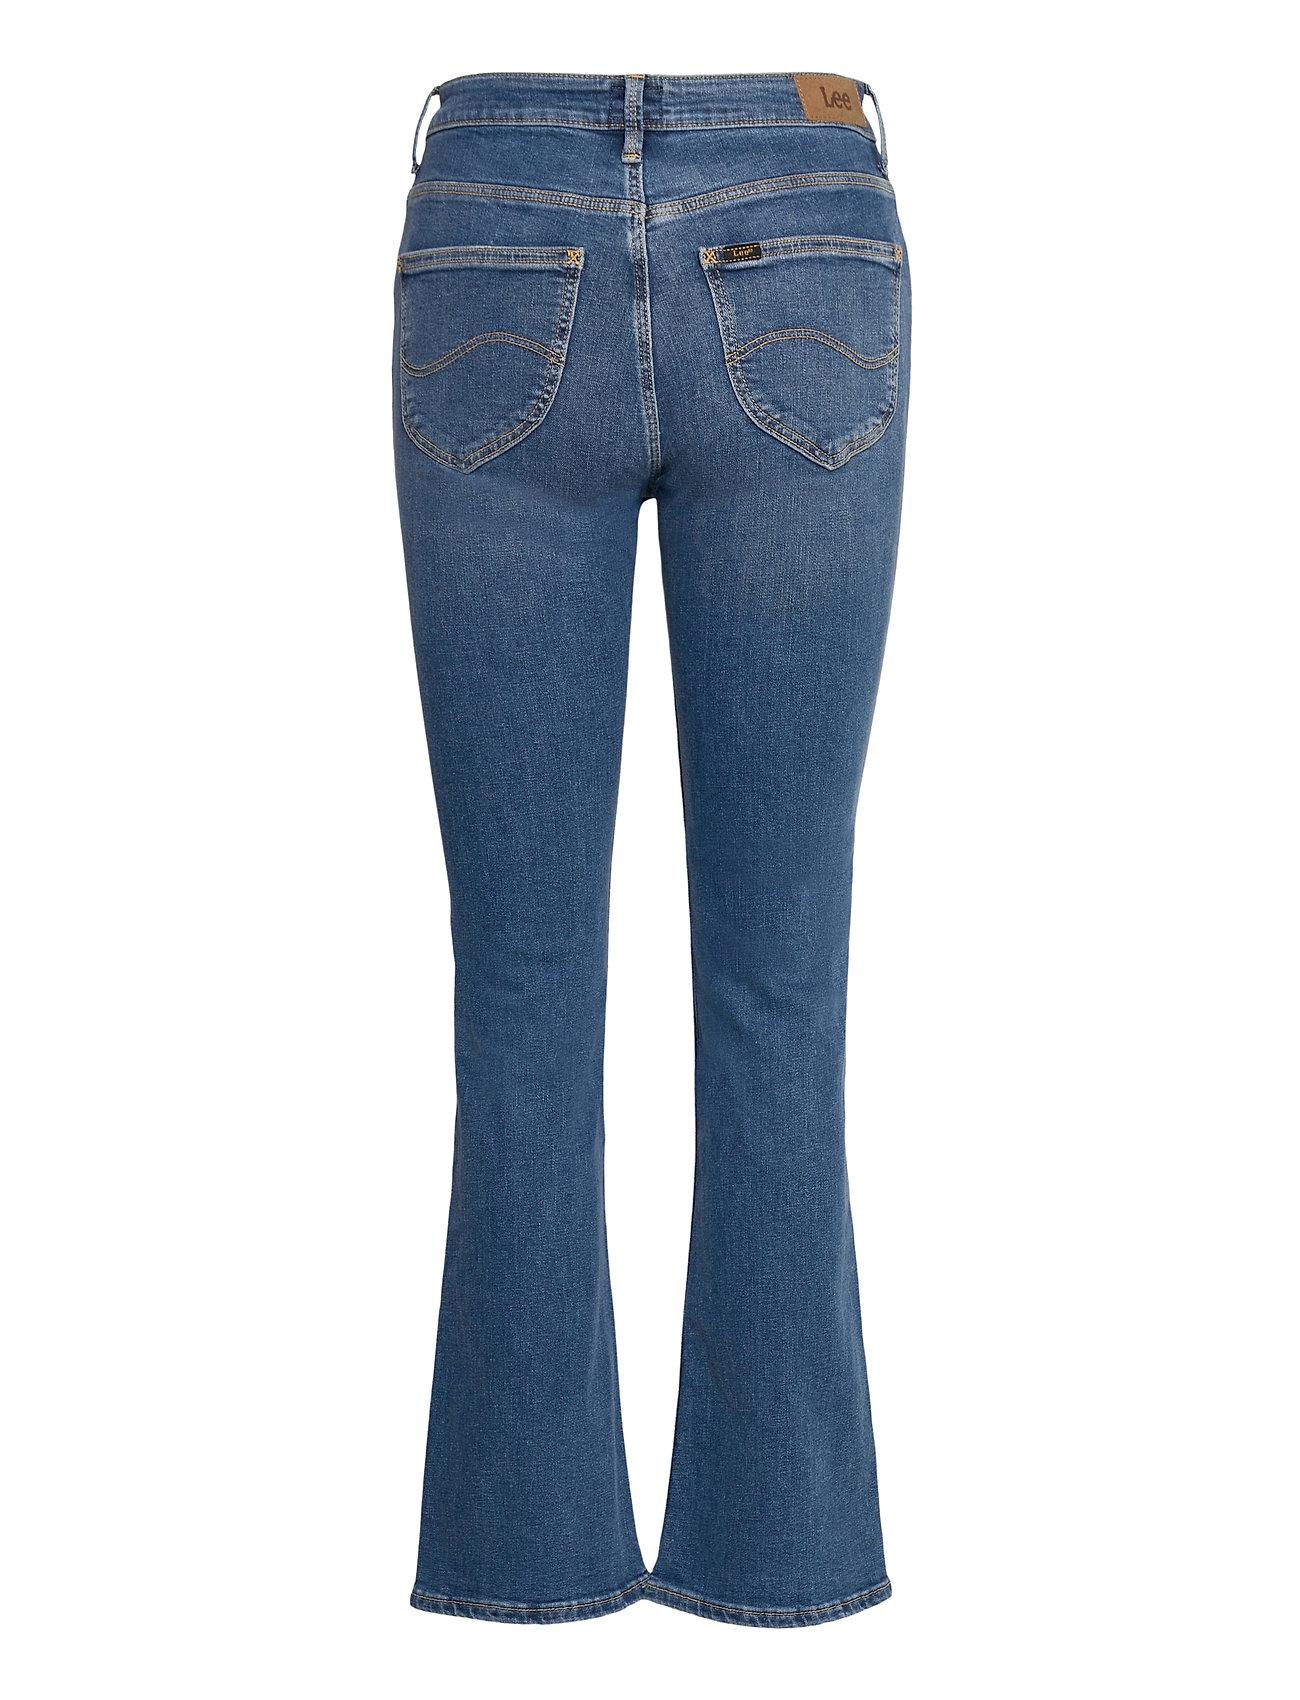 Lee Jeans - BREESE BOOT - schlaghosen - mid worn martha - 1